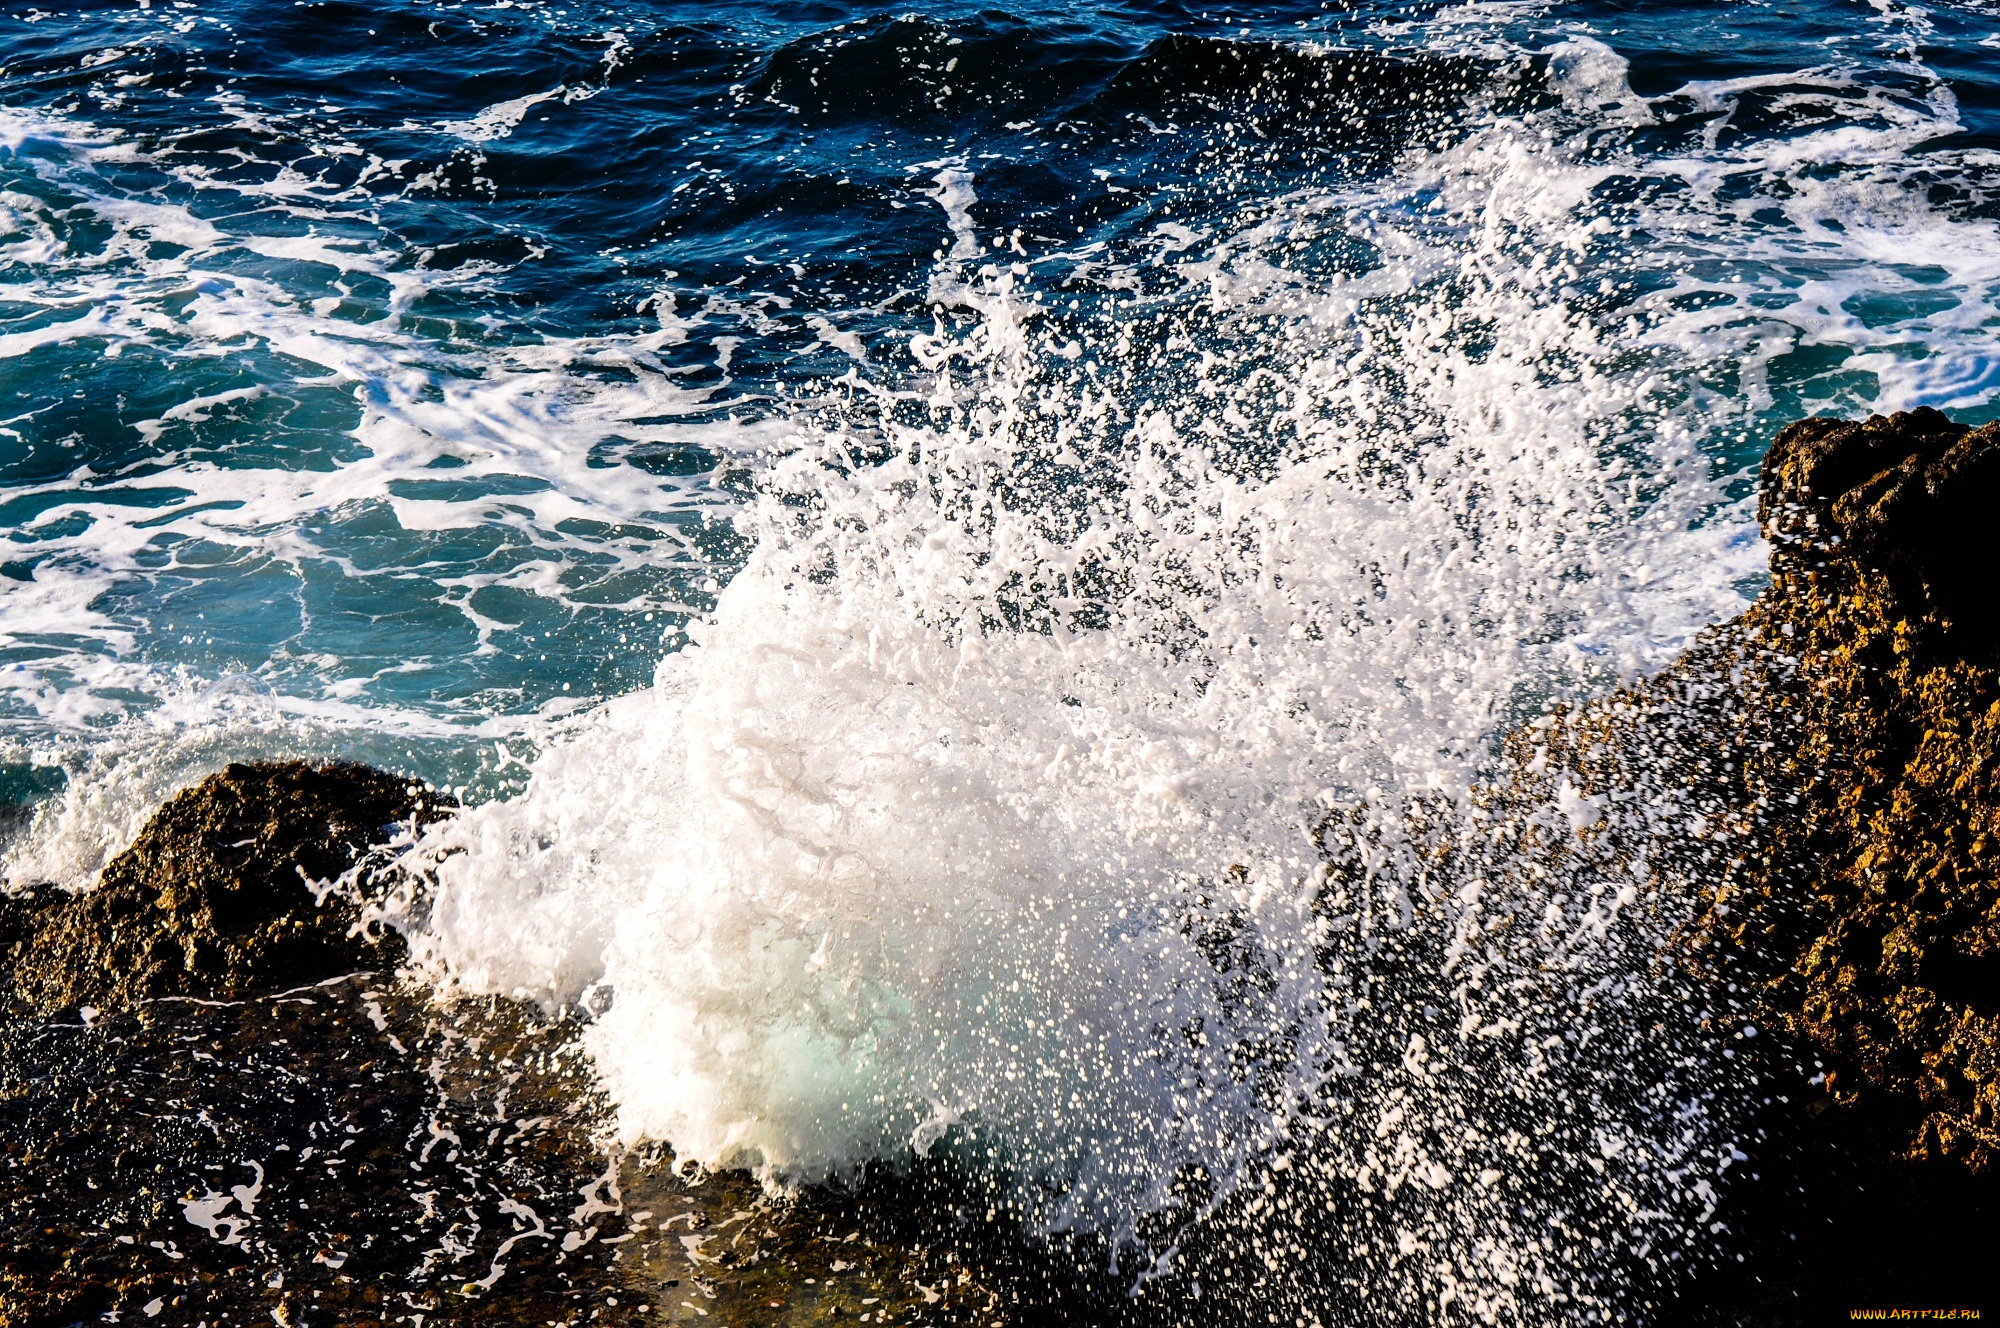 брызги вода море камень  № 2149597 загрузить